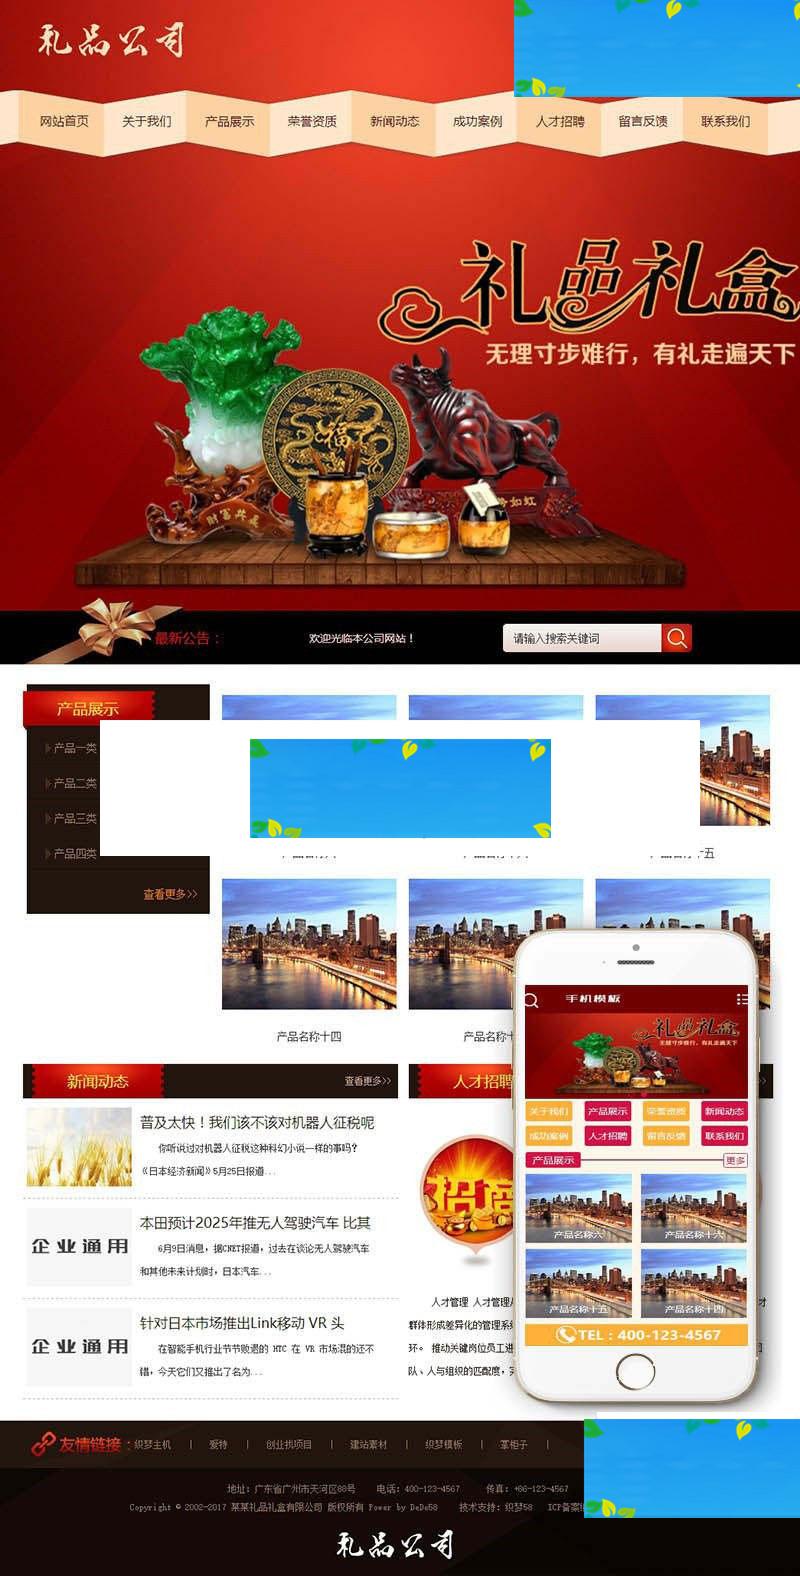 织梦dedecms礼品礼盒包装企业网站模板(带手机移动端)